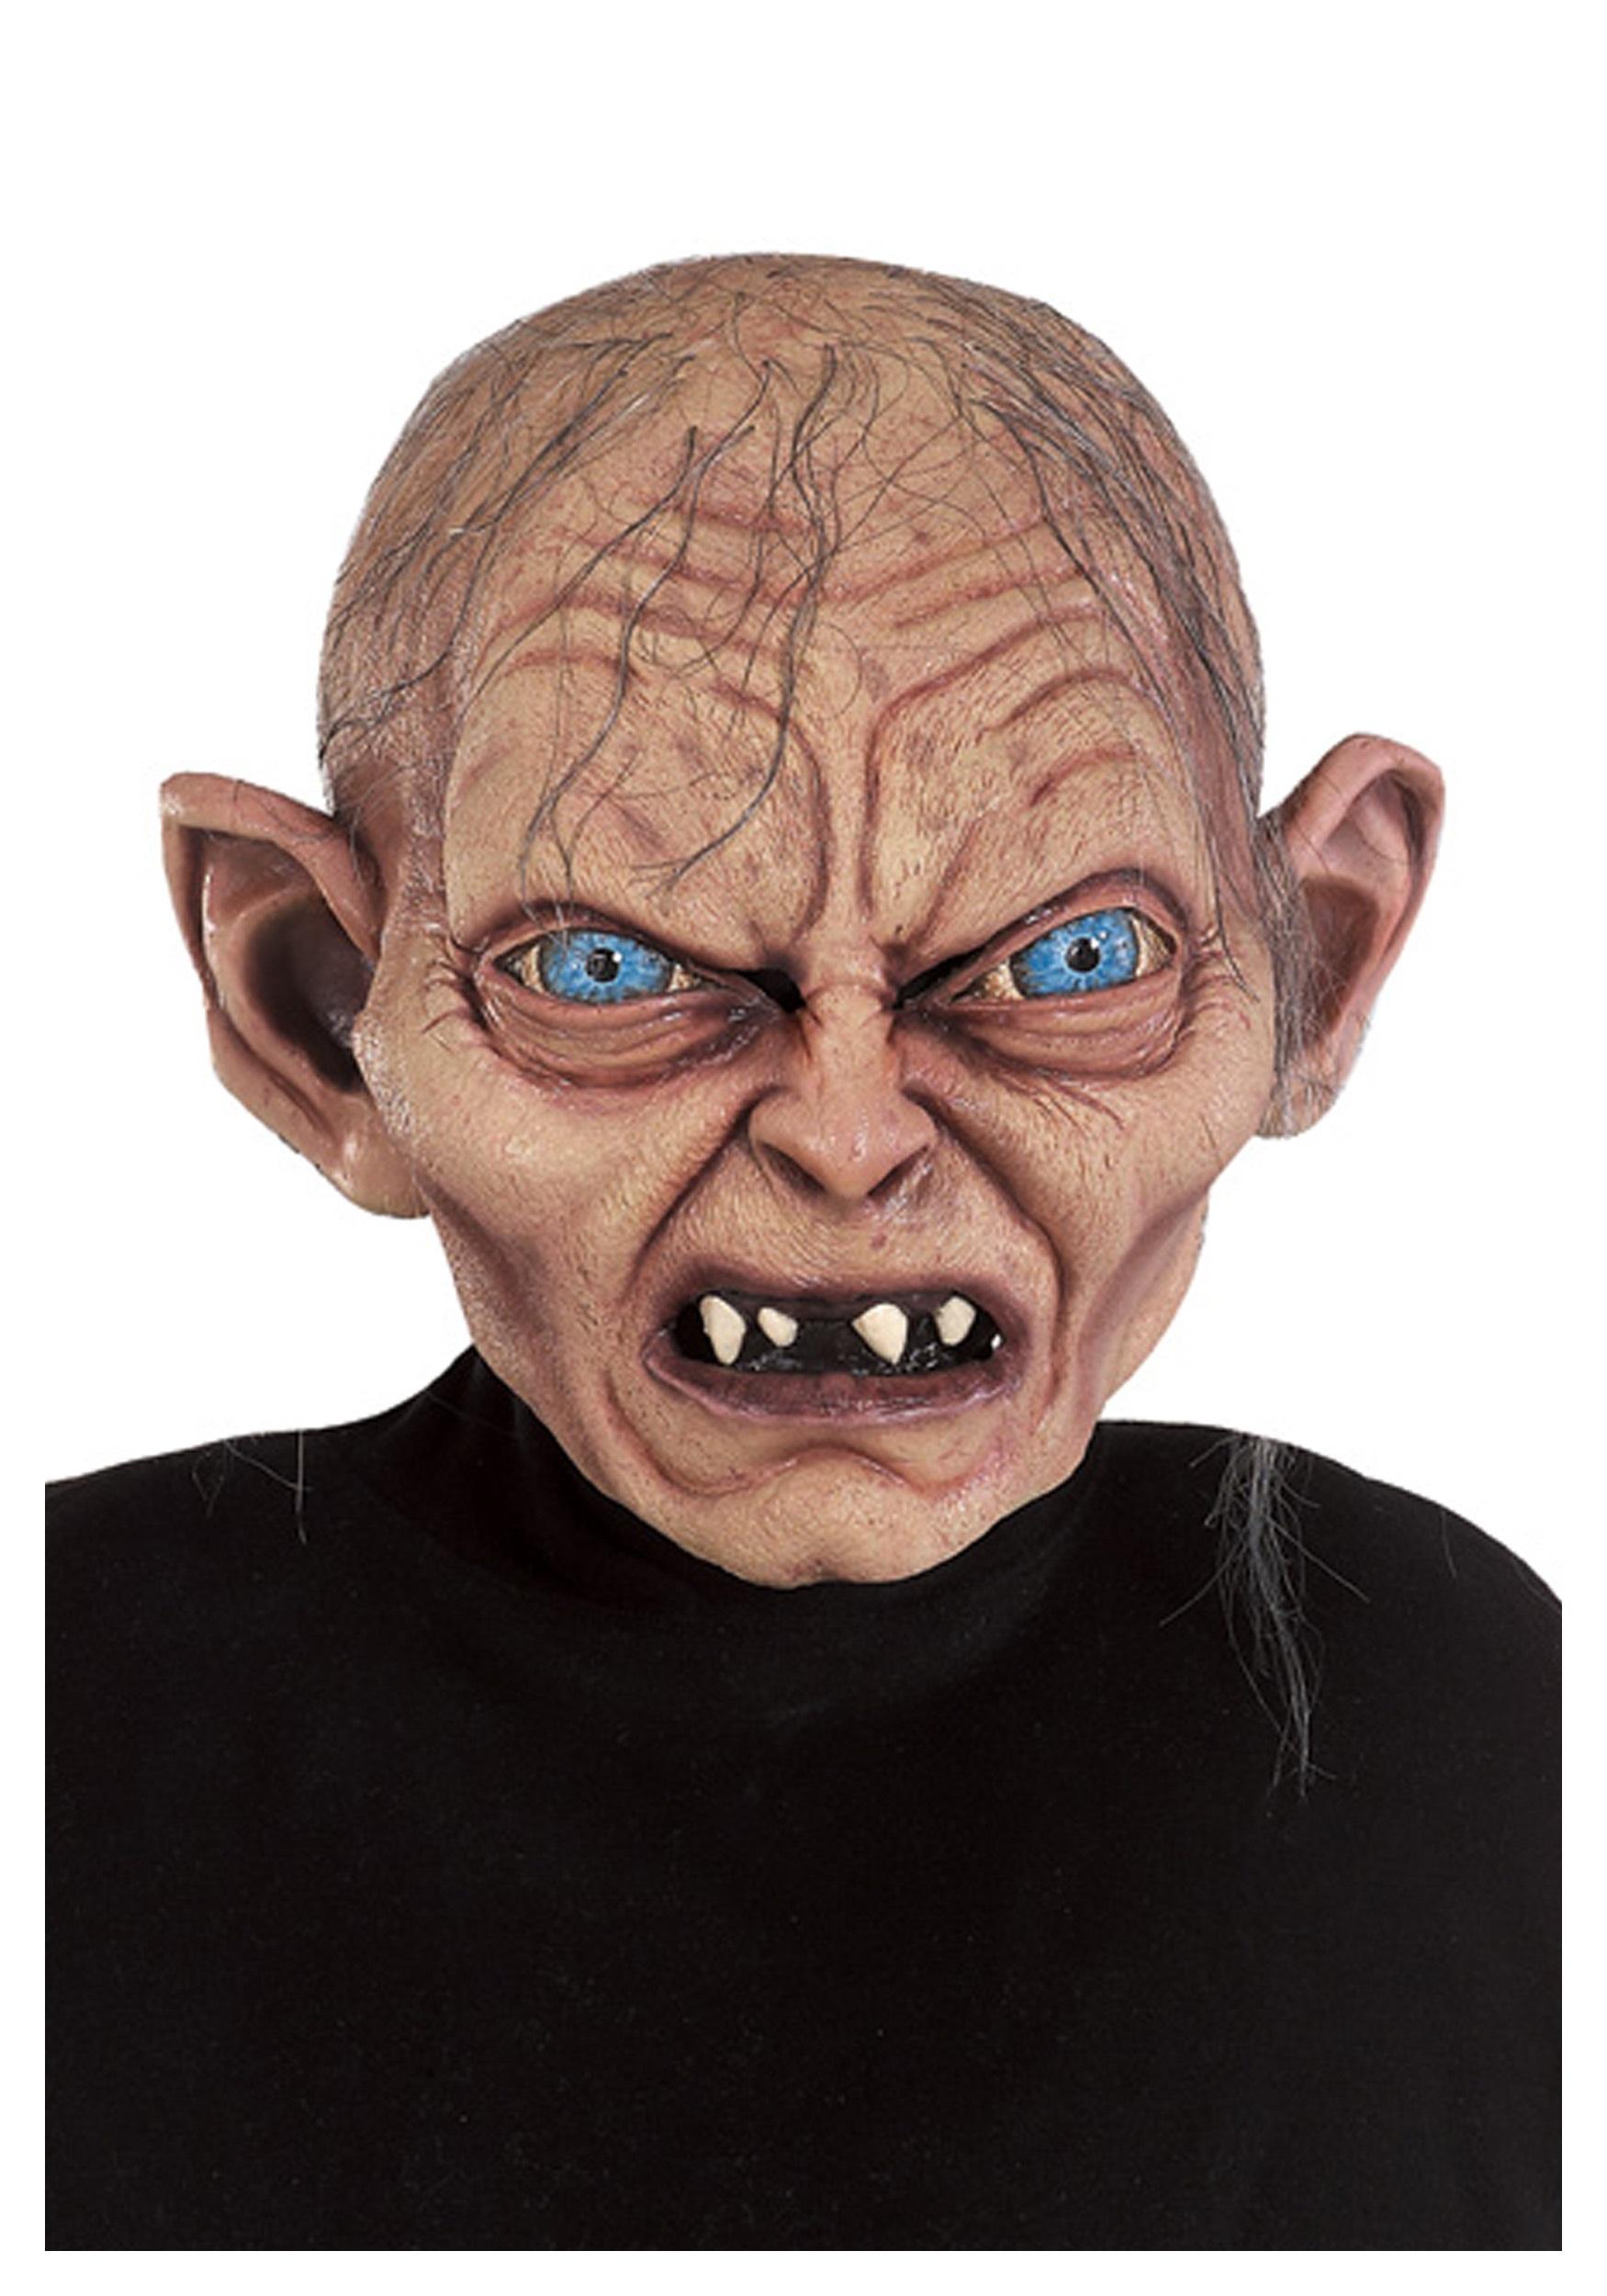 Latex full-head mask Gollum Hobbit Lord of the Rings